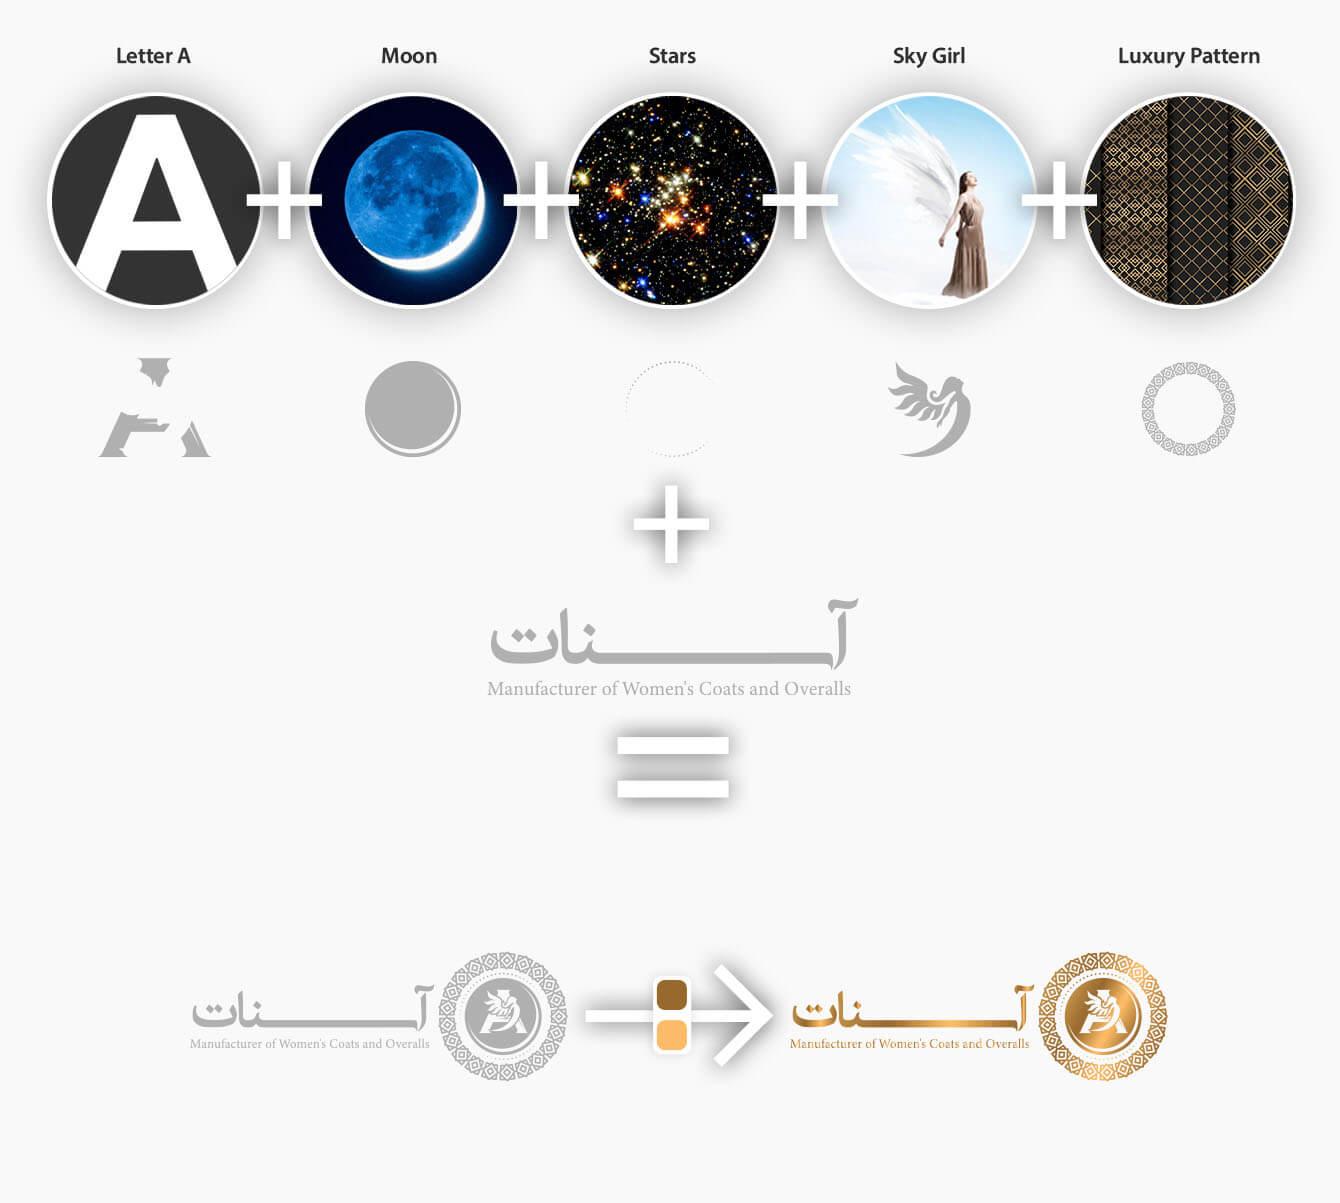 روند طراحی لوگو و ایده پردازی آسنات